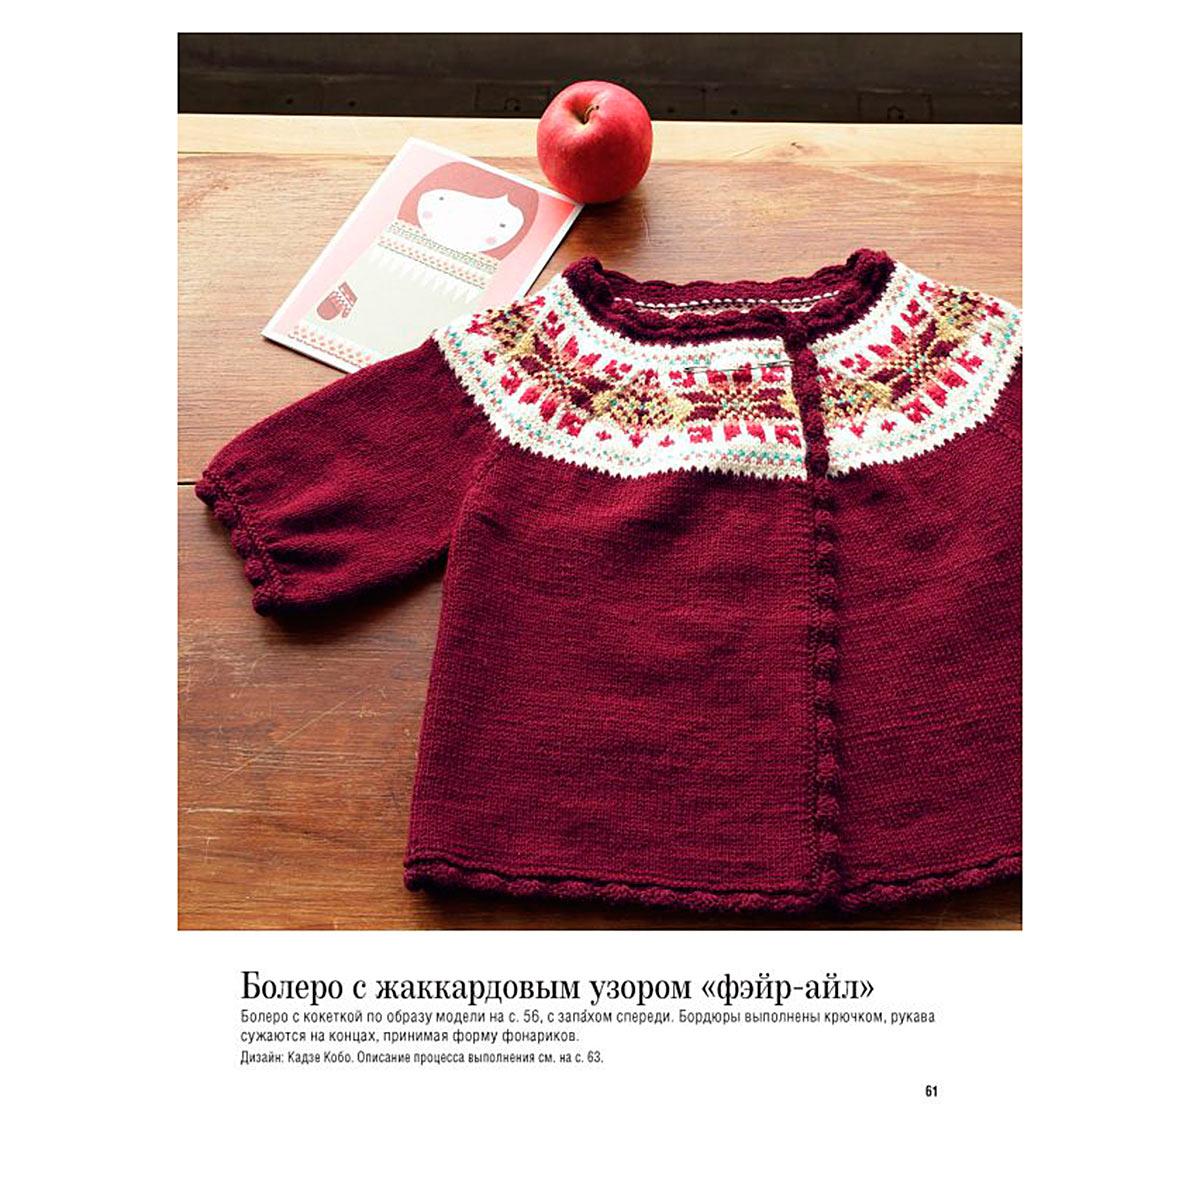 Японские свитеры, пуловеры и кардиганы без швов.